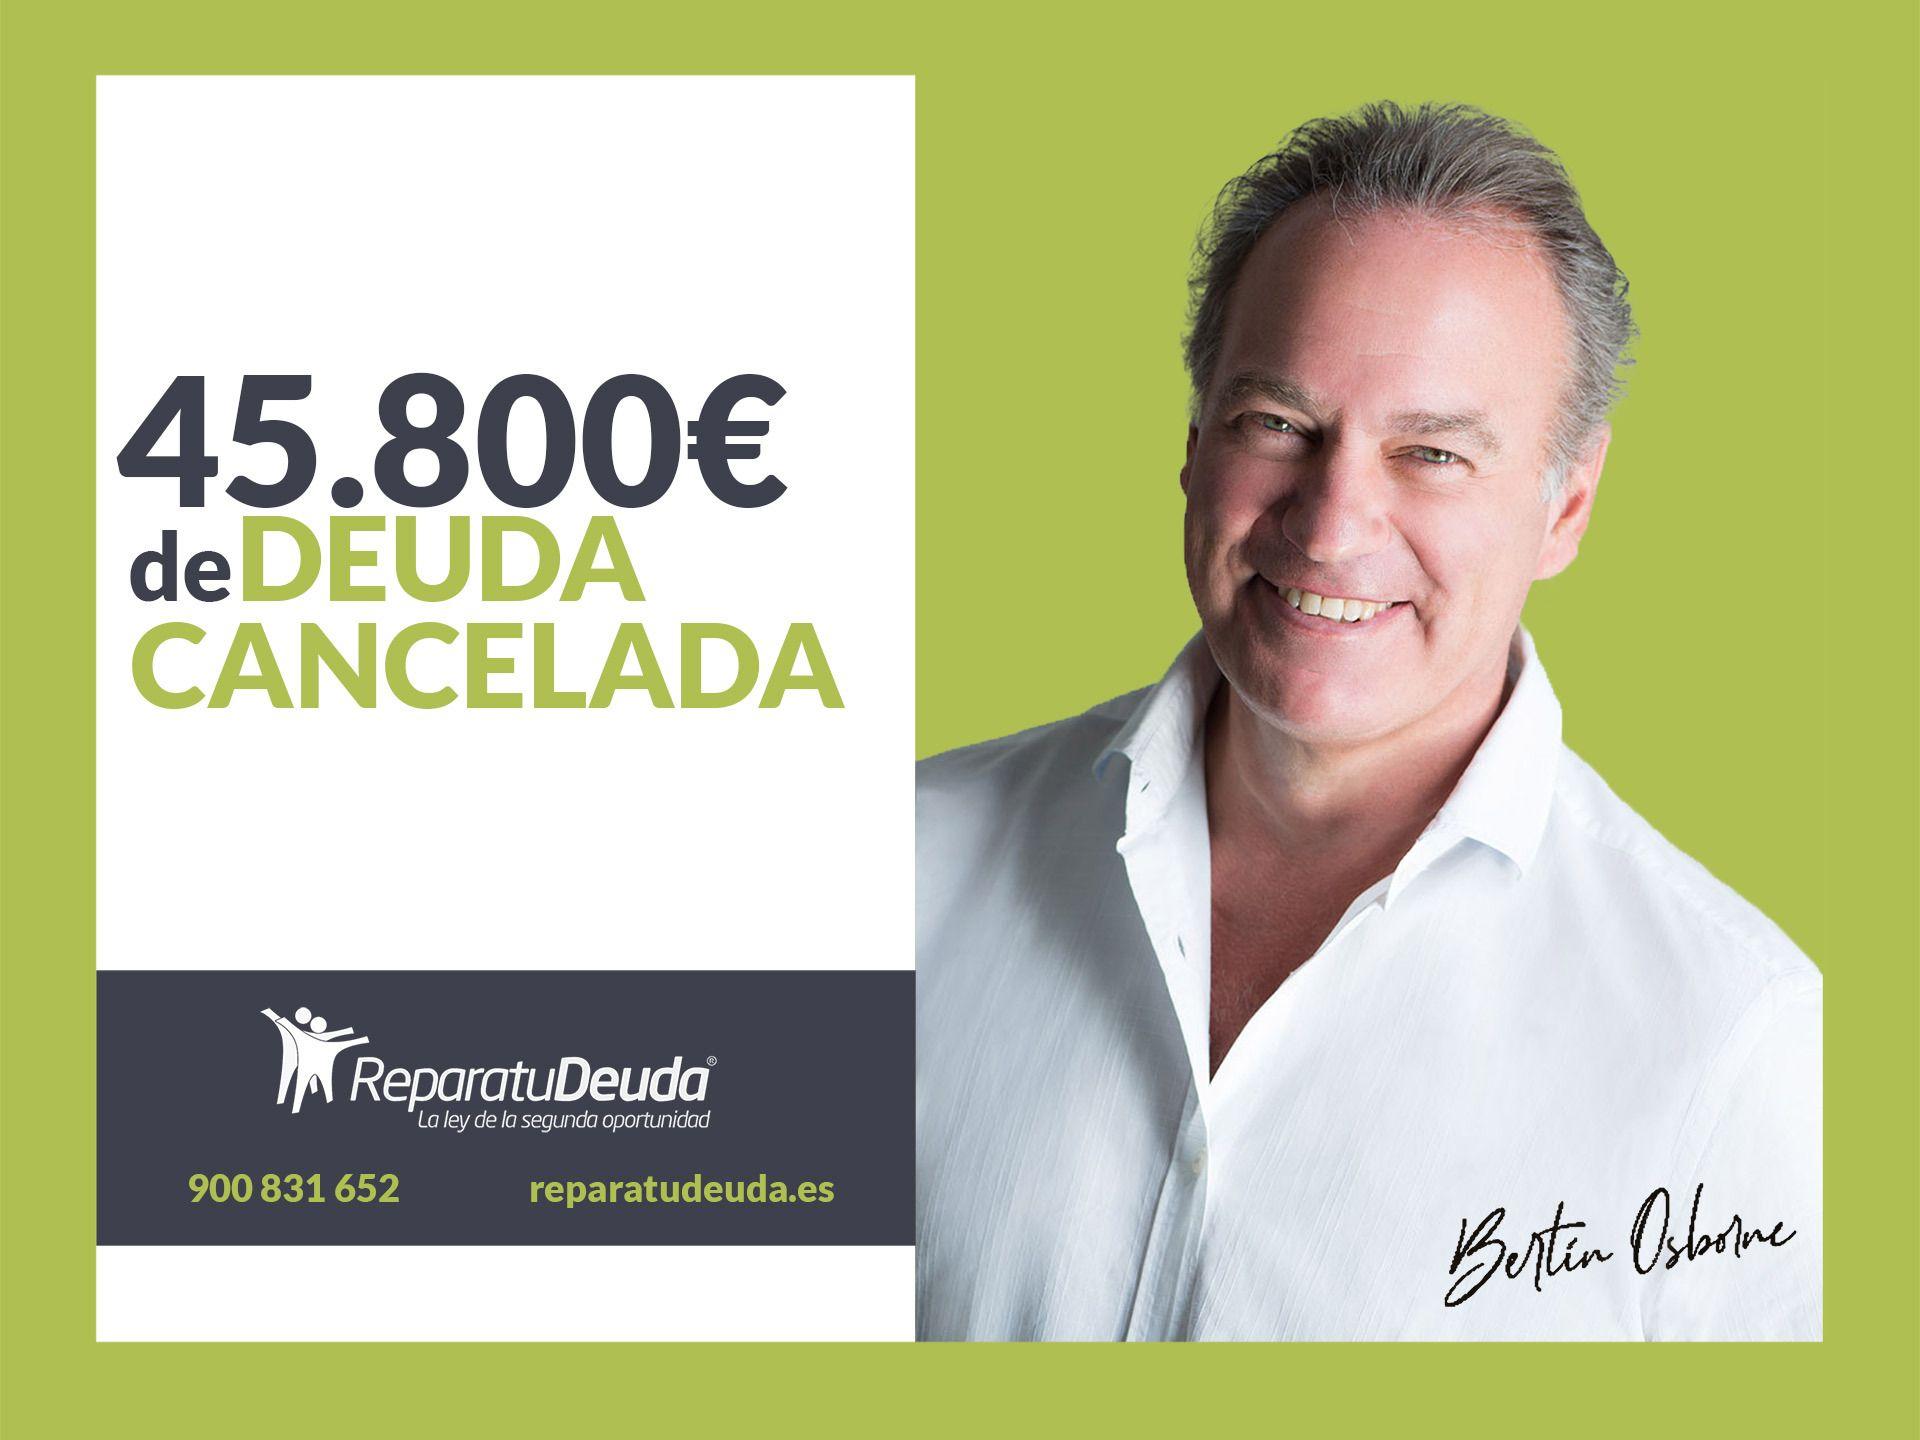 Repara tu Deuda cancela 45.800 € con deuda pública en Barcelona con la Ley de la Segunda Oportunidad